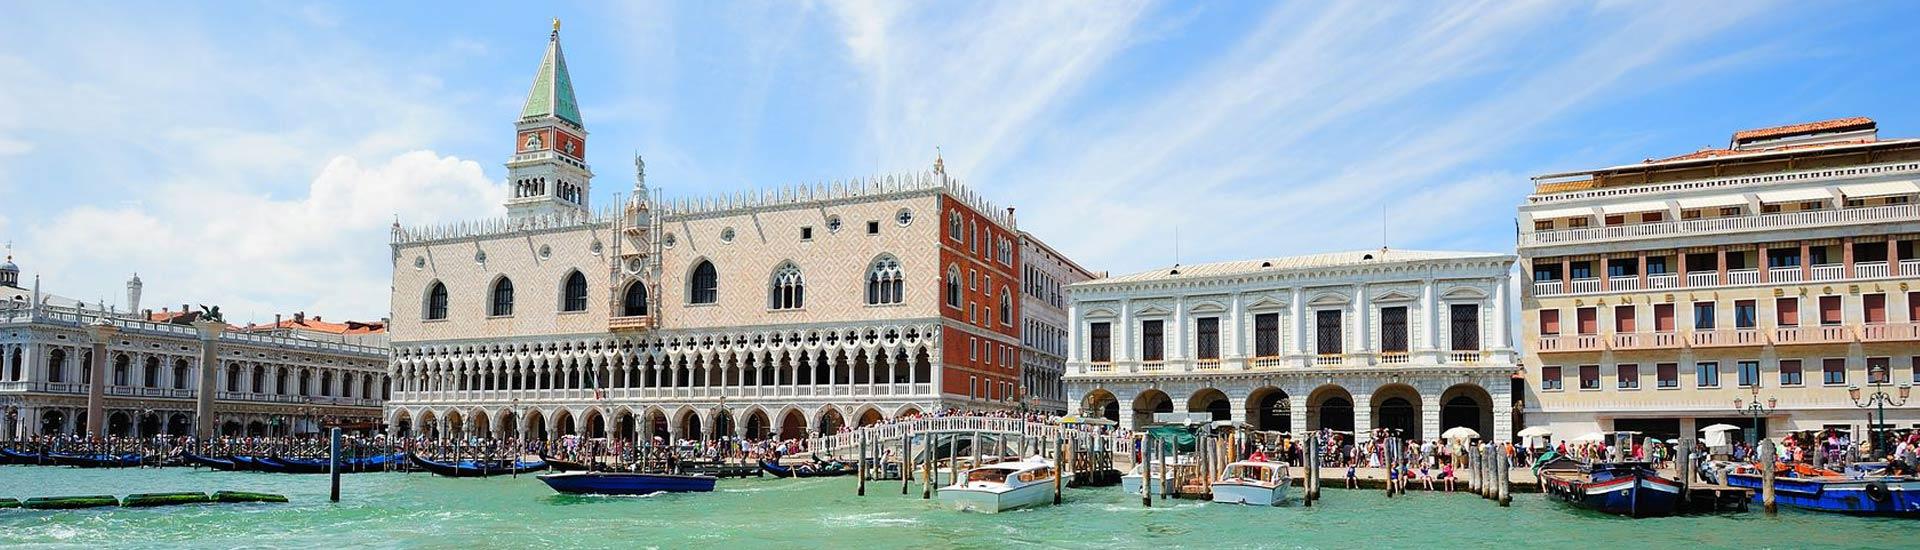 Venice-03